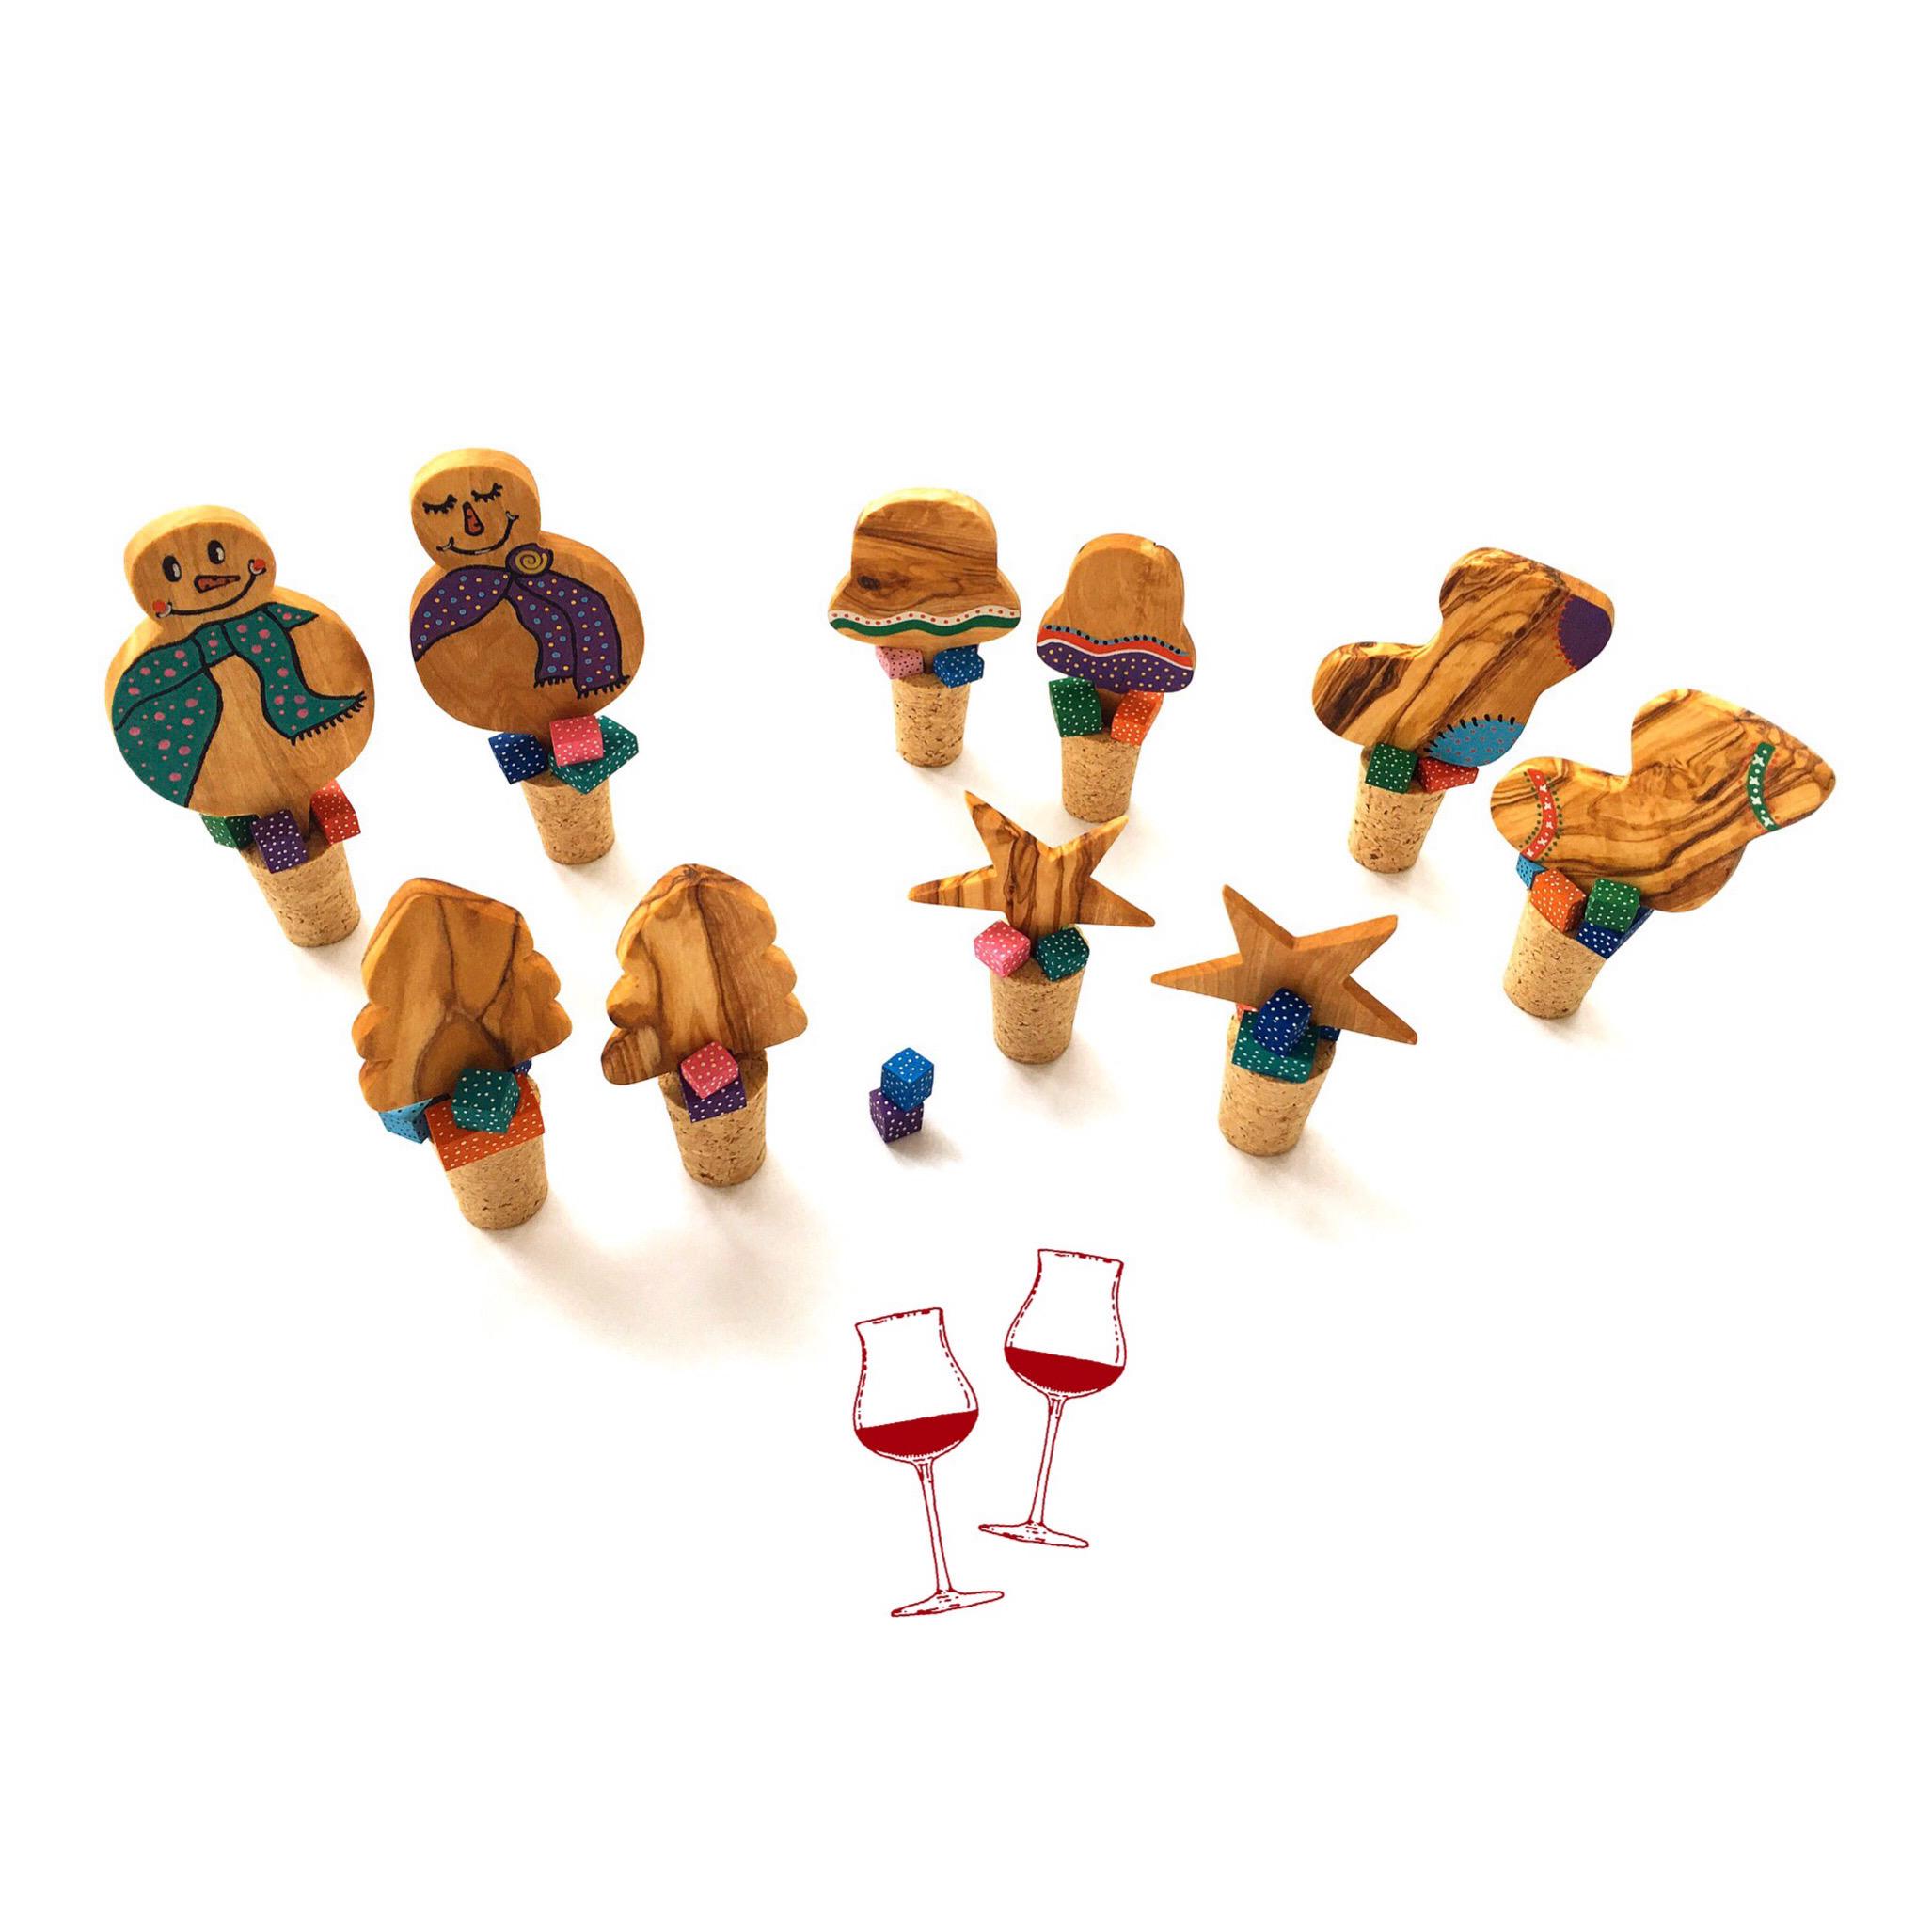 şarap / şişe mantarı